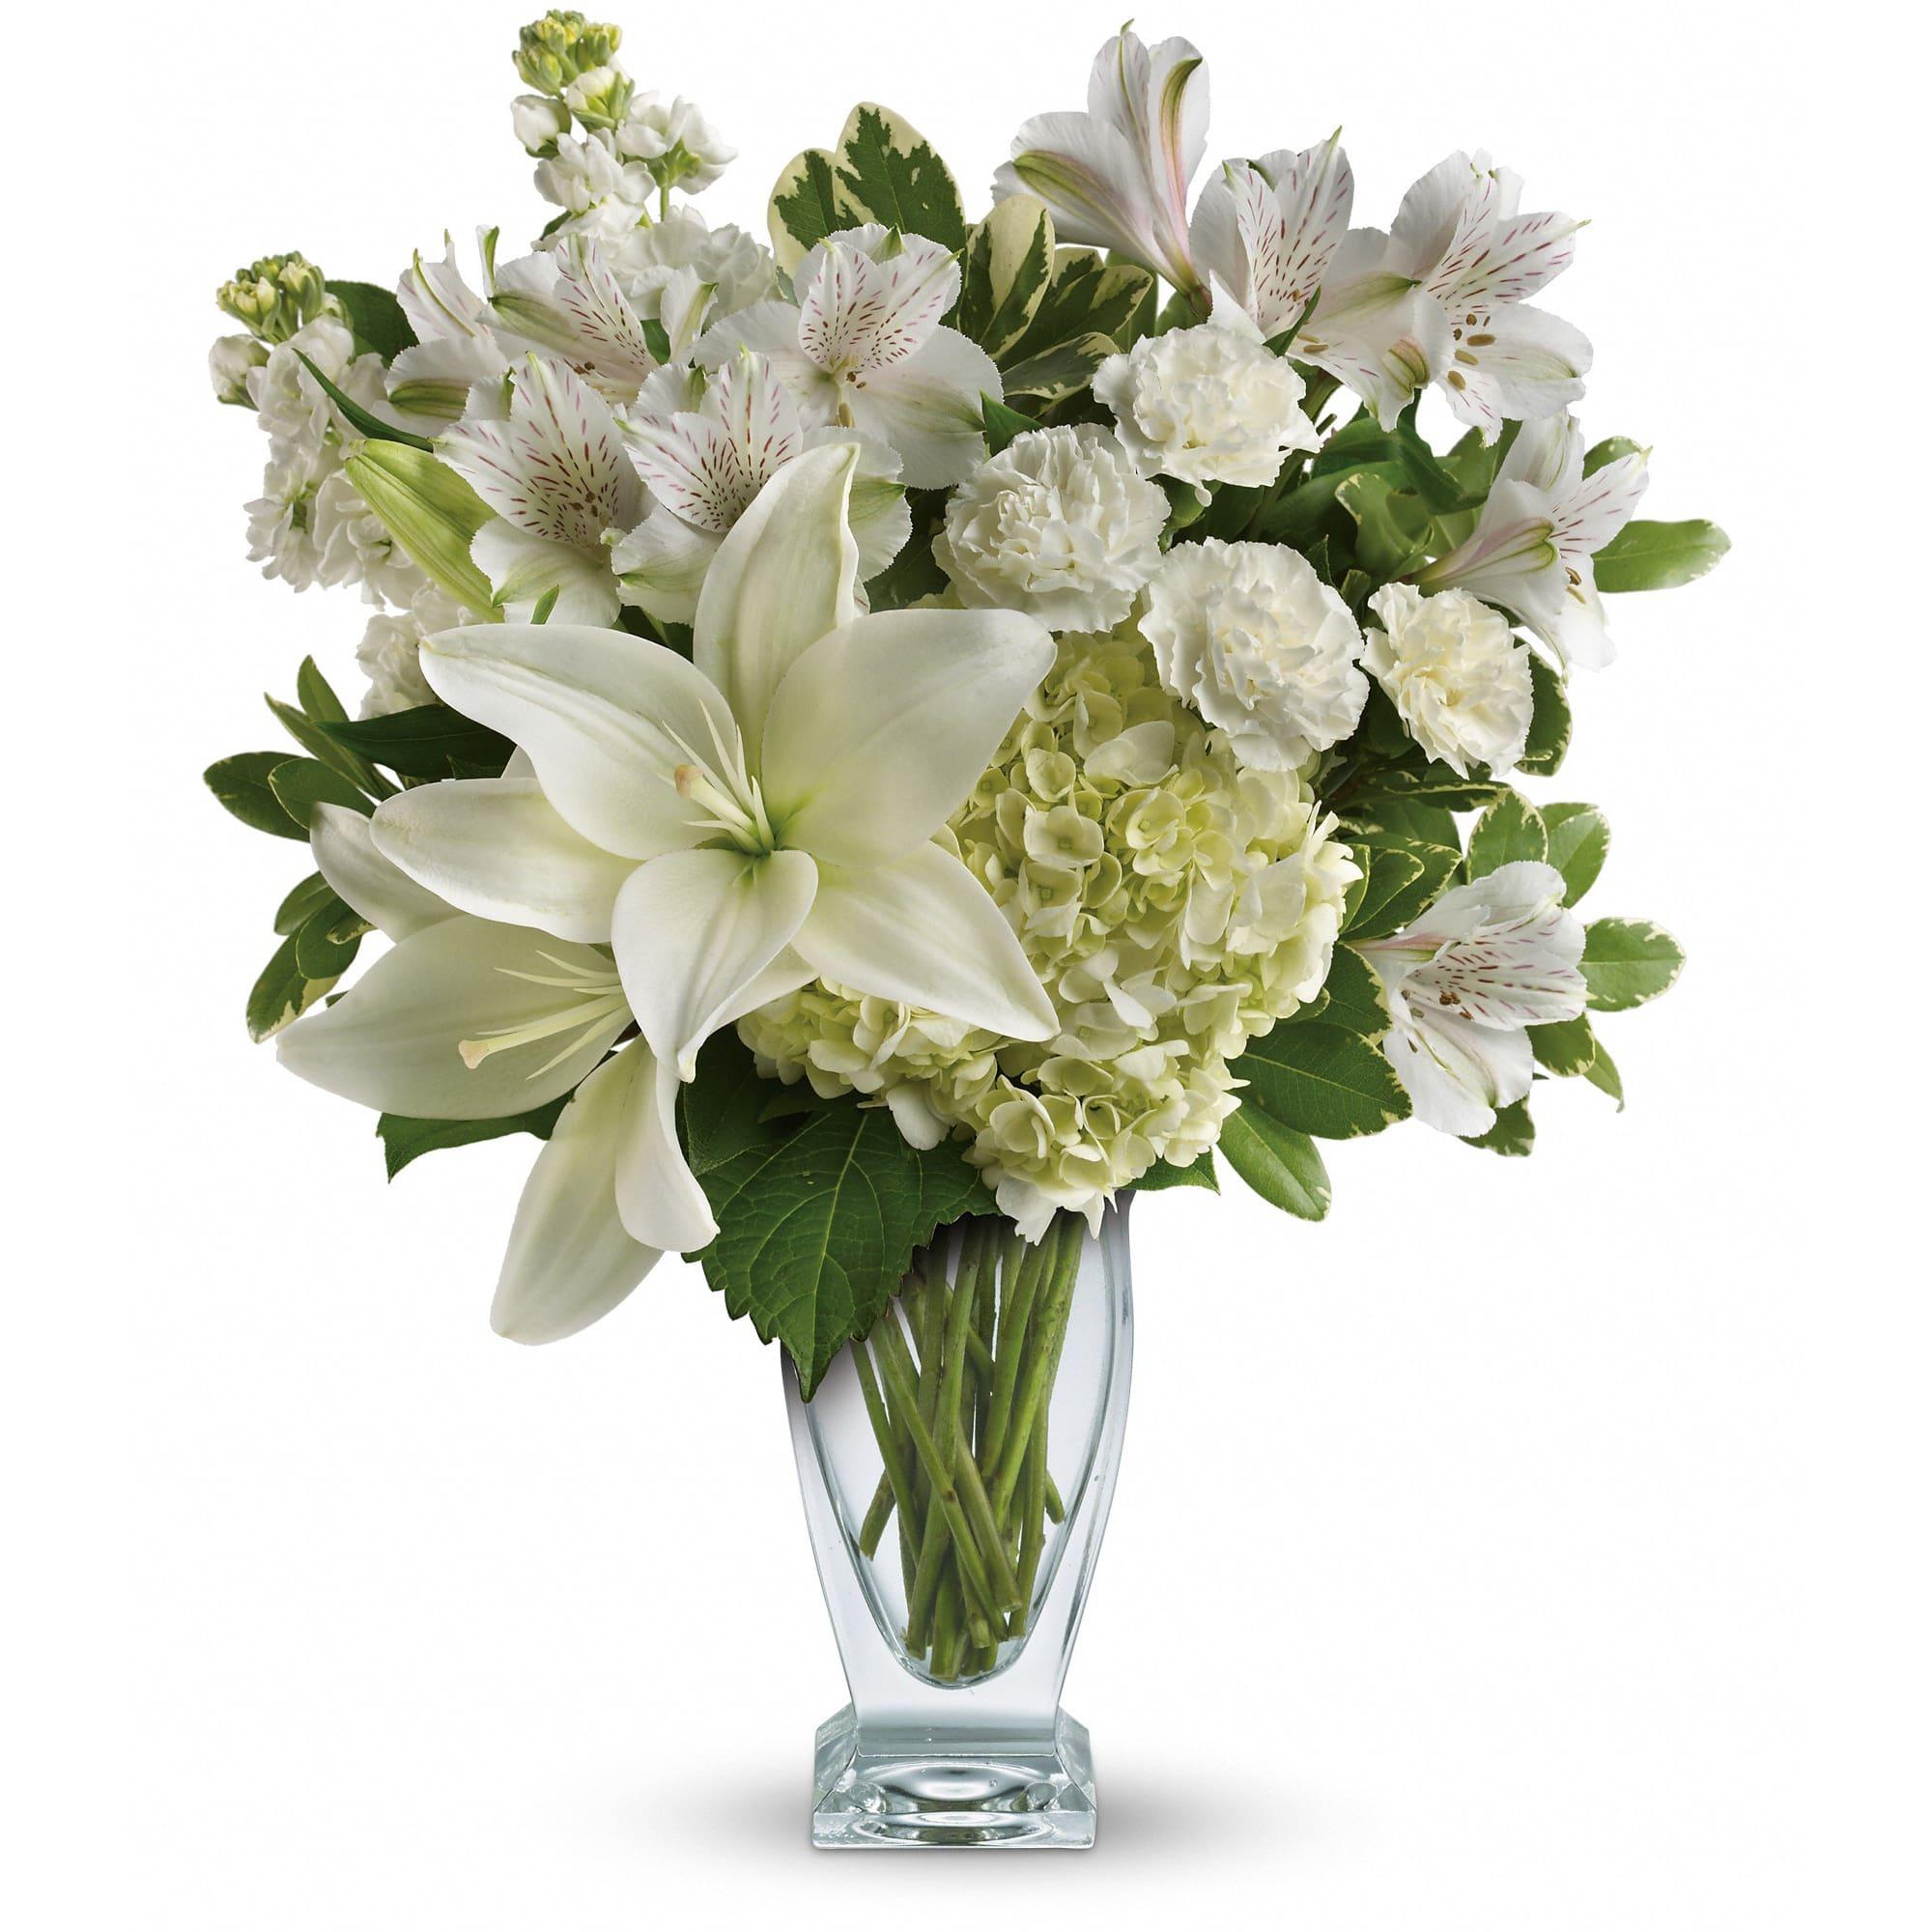 Teleflora's Purest Love Bouquet TEV 30-2A